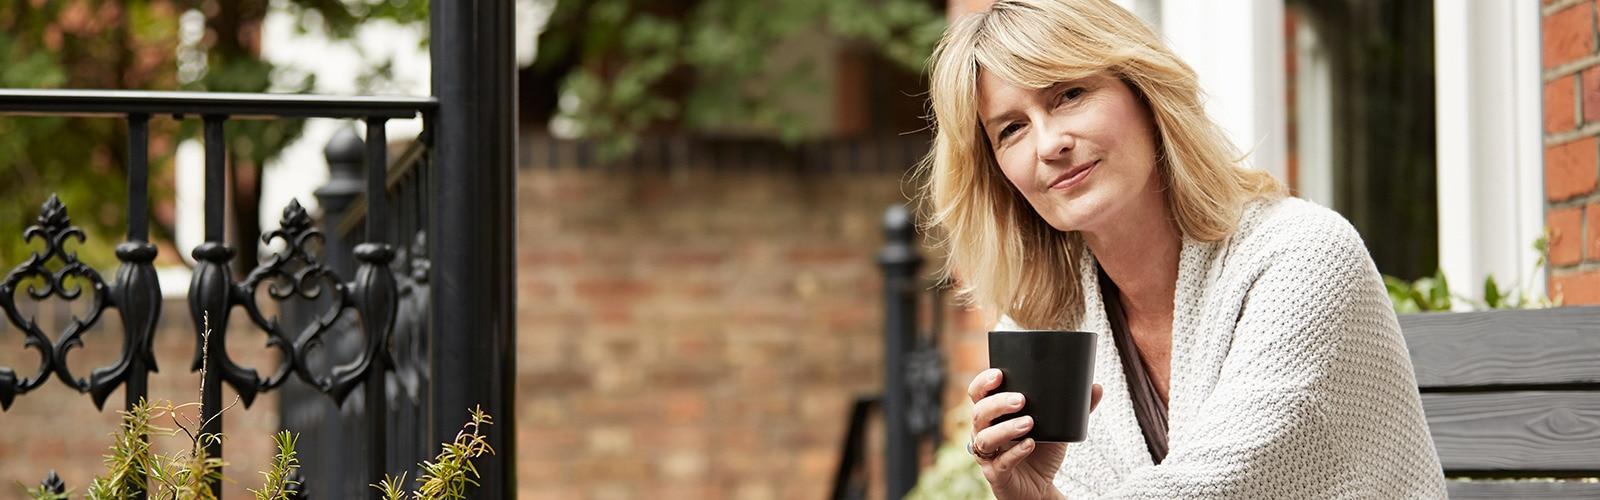 Женщина с удовольствием пьет чай на крыльце кирпичного дома